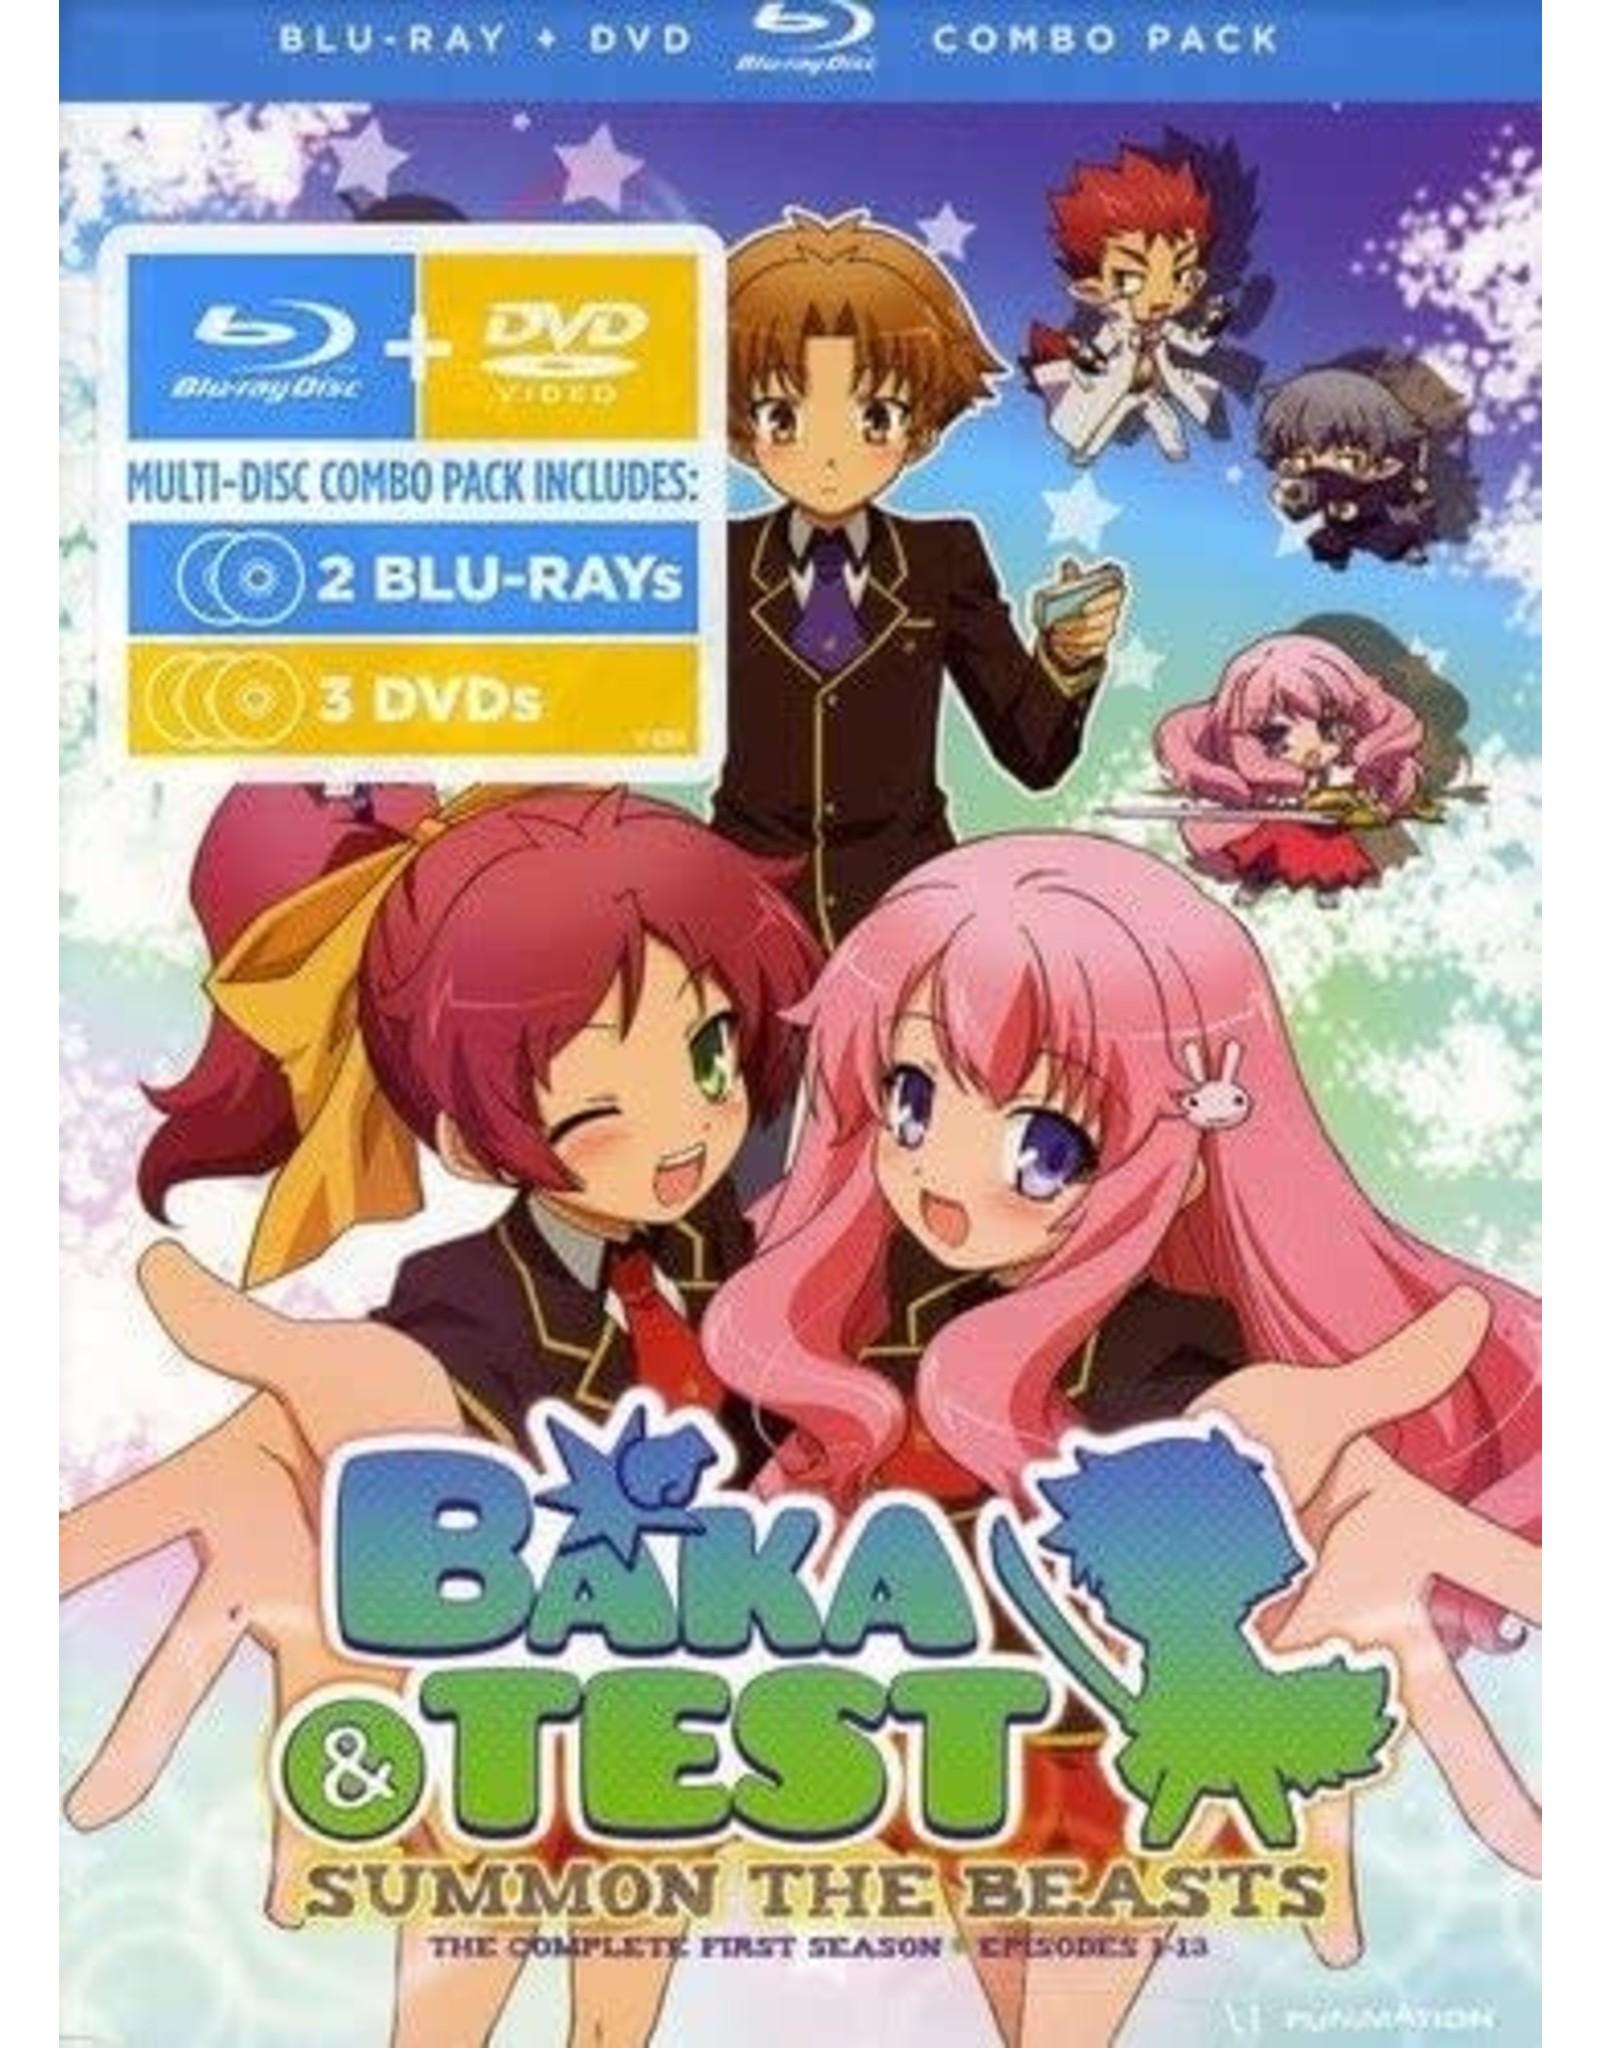 Anime Baka & Test Summon the Beasts Season 1